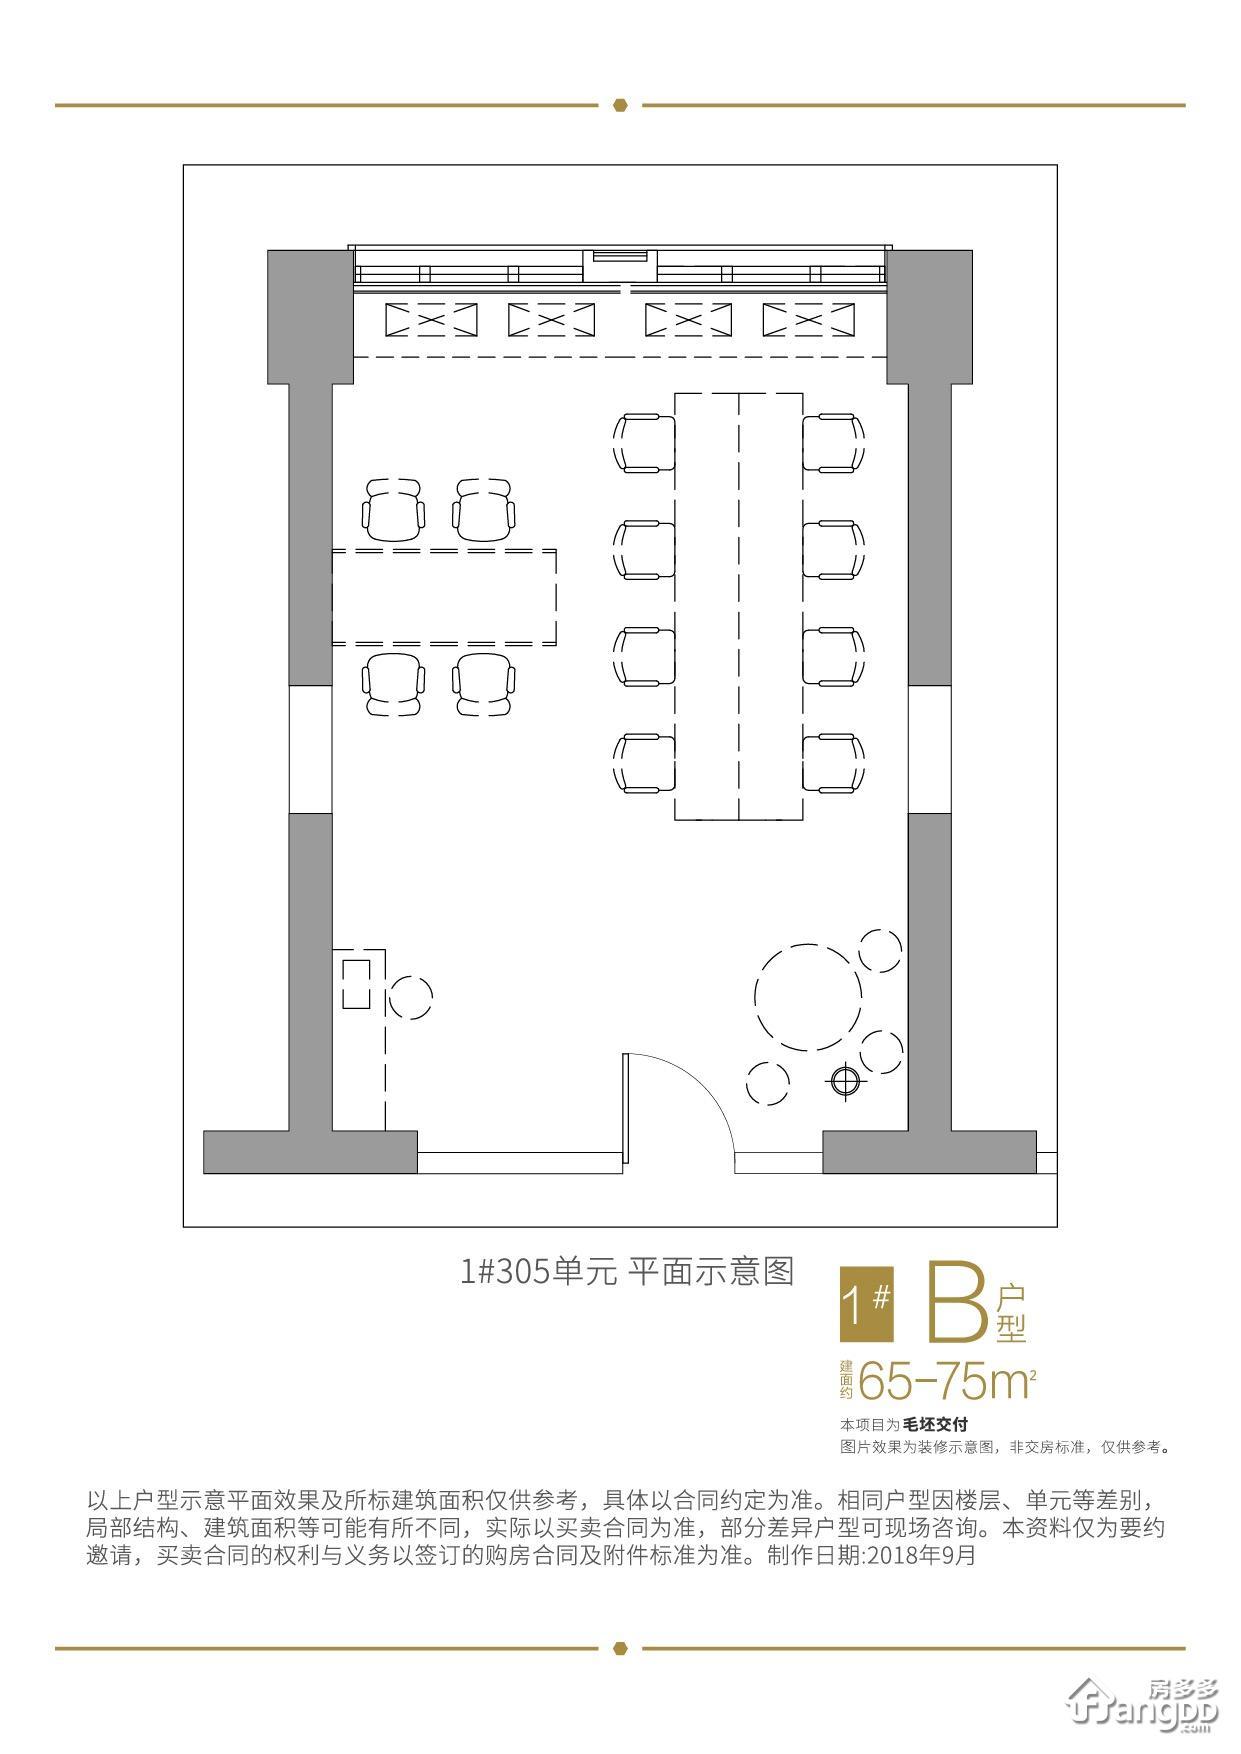 万科广场大都荟3室2厅1卫户型图